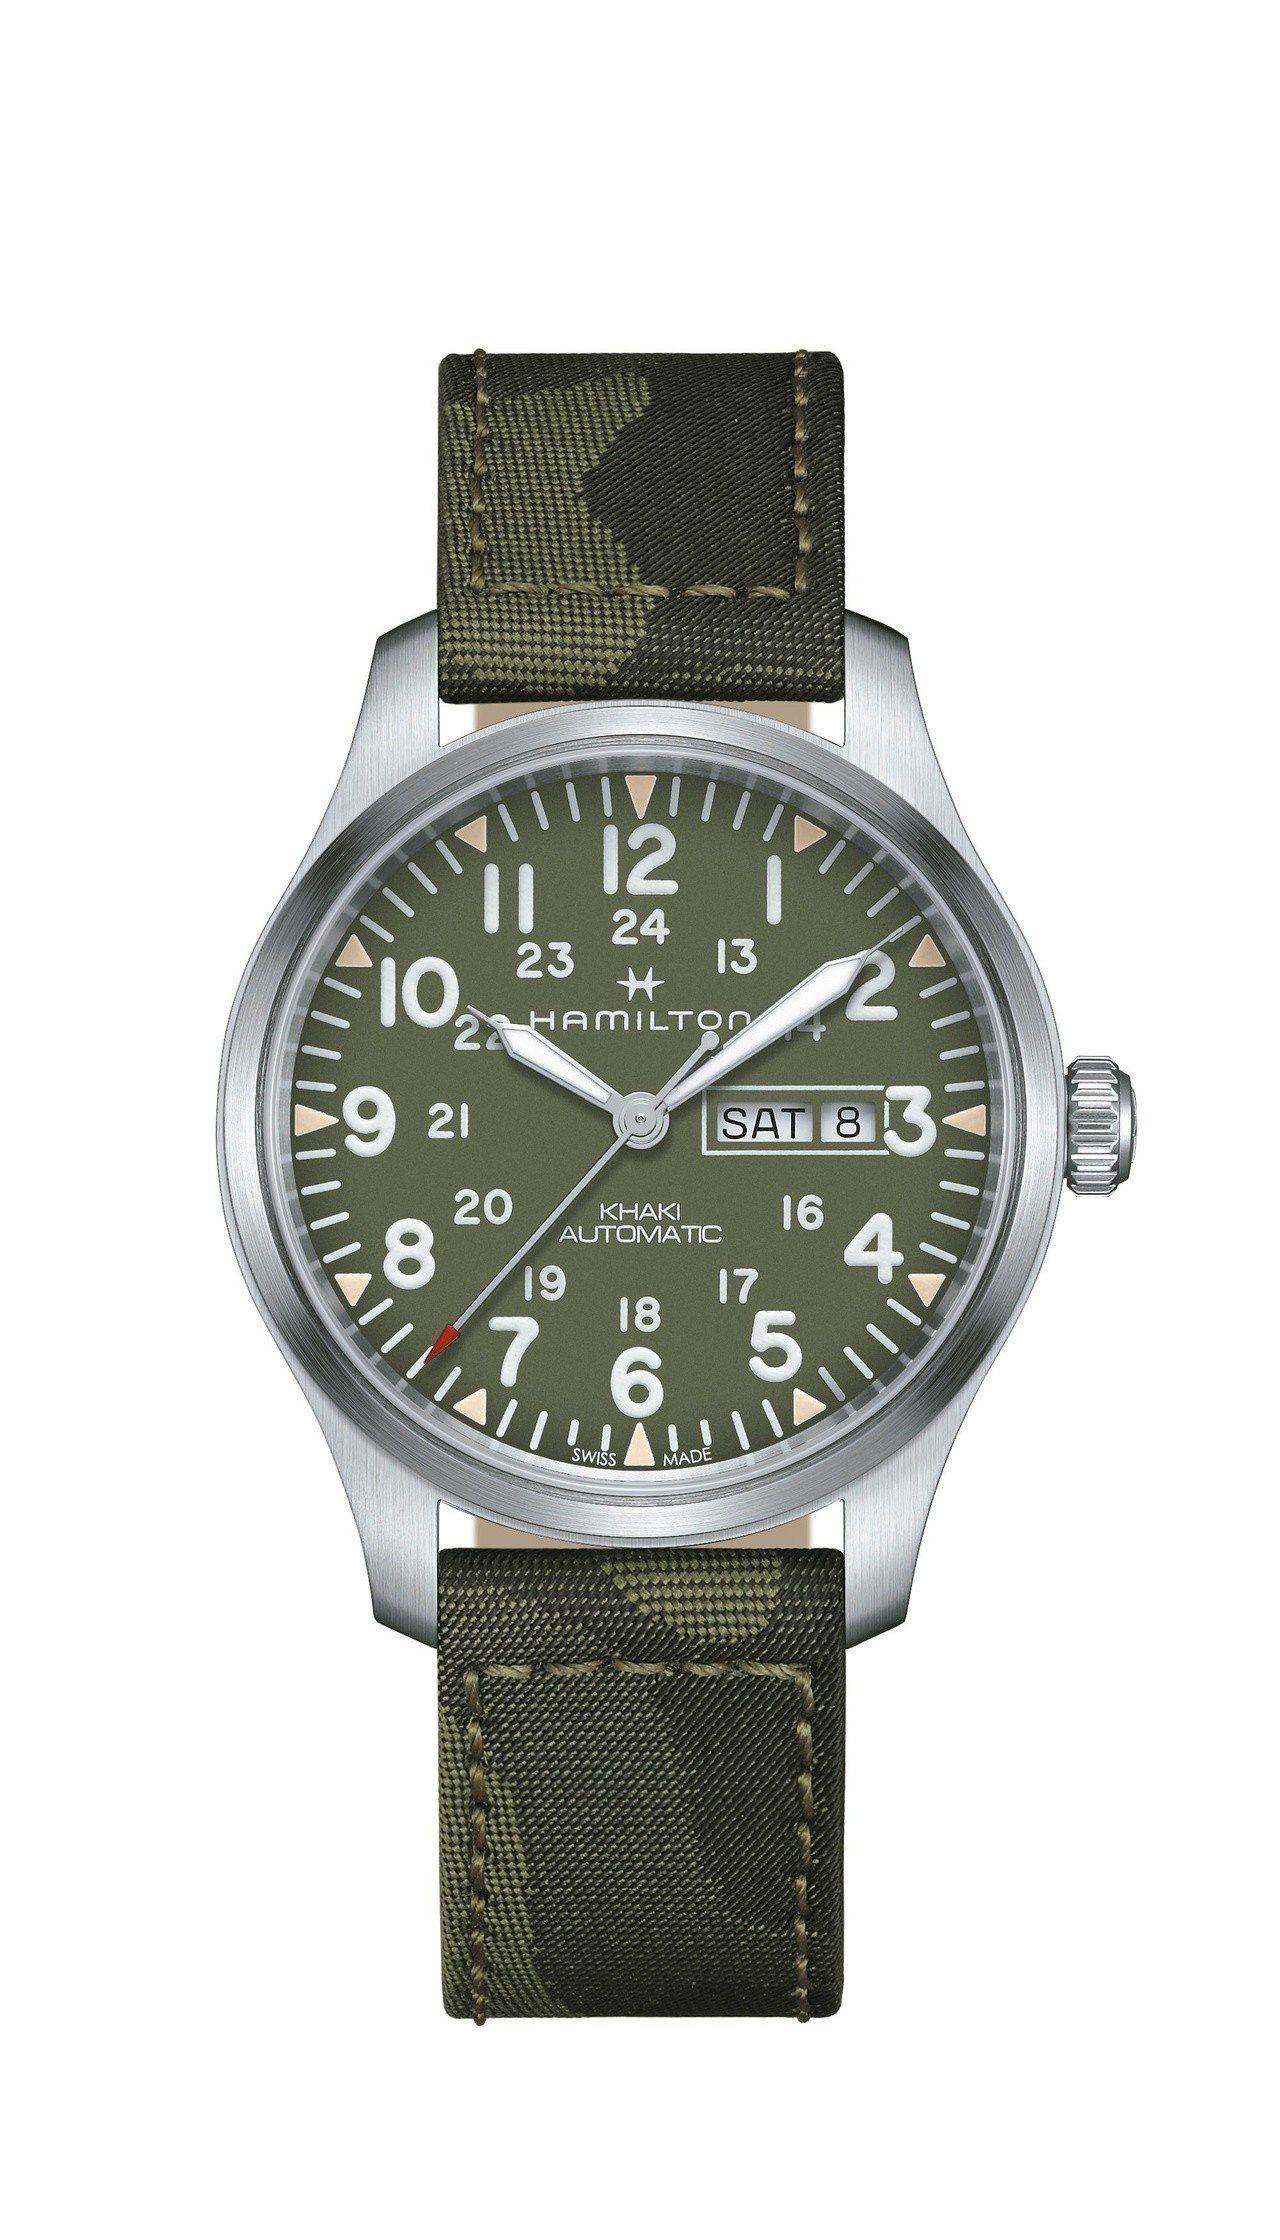 漢米爾頓Khaki Field Day-Date陸戰雙曆越戰紀念腕表,不鏽鋼表殼...